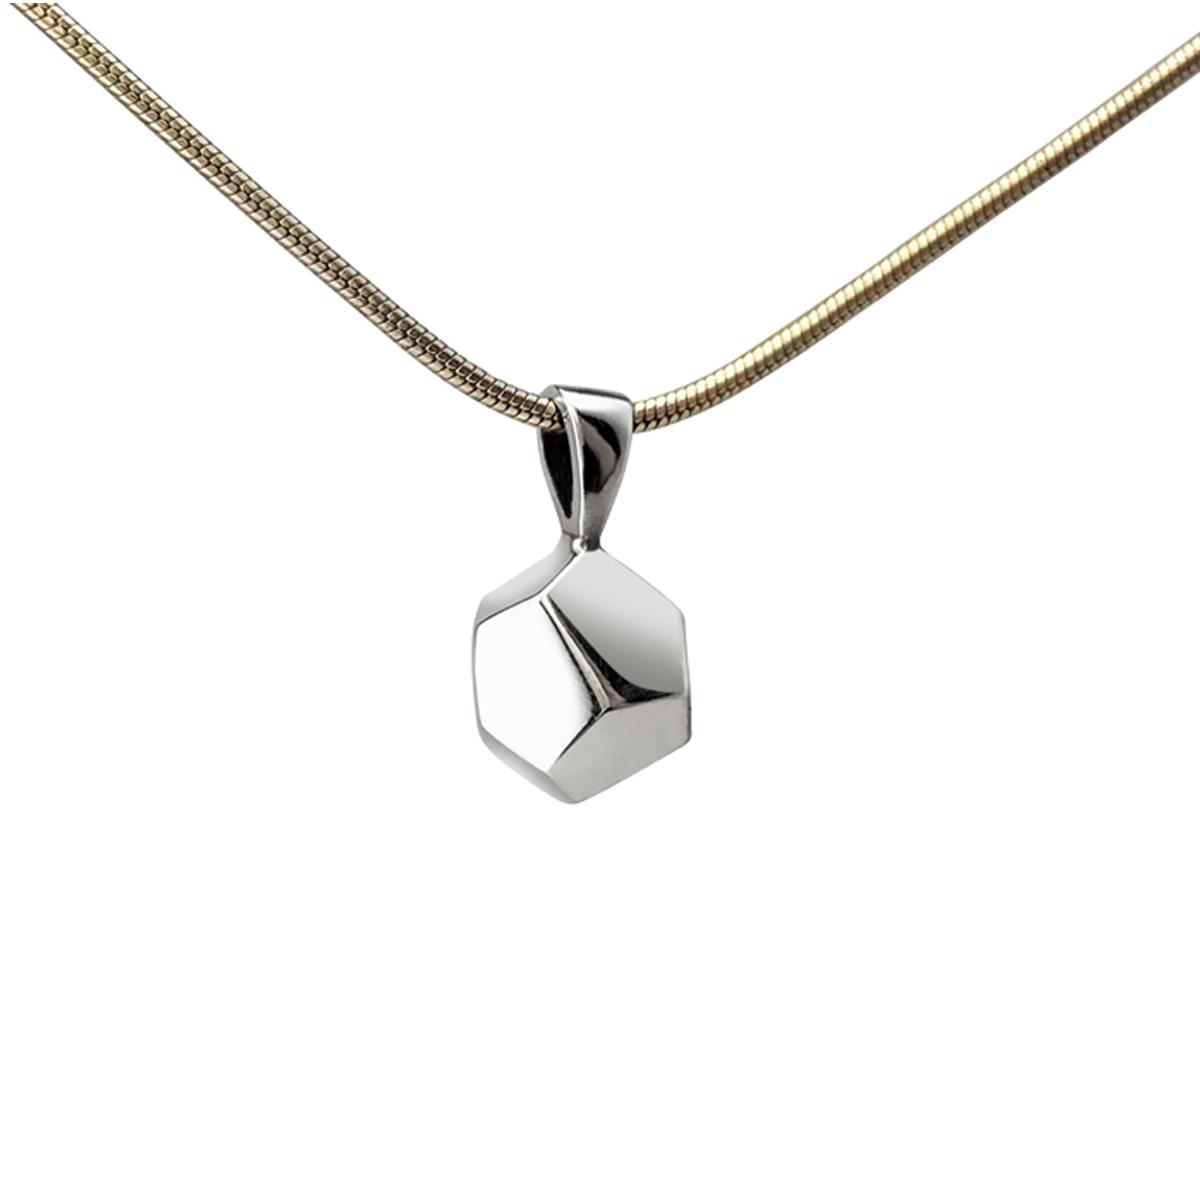 Decca silver pendant